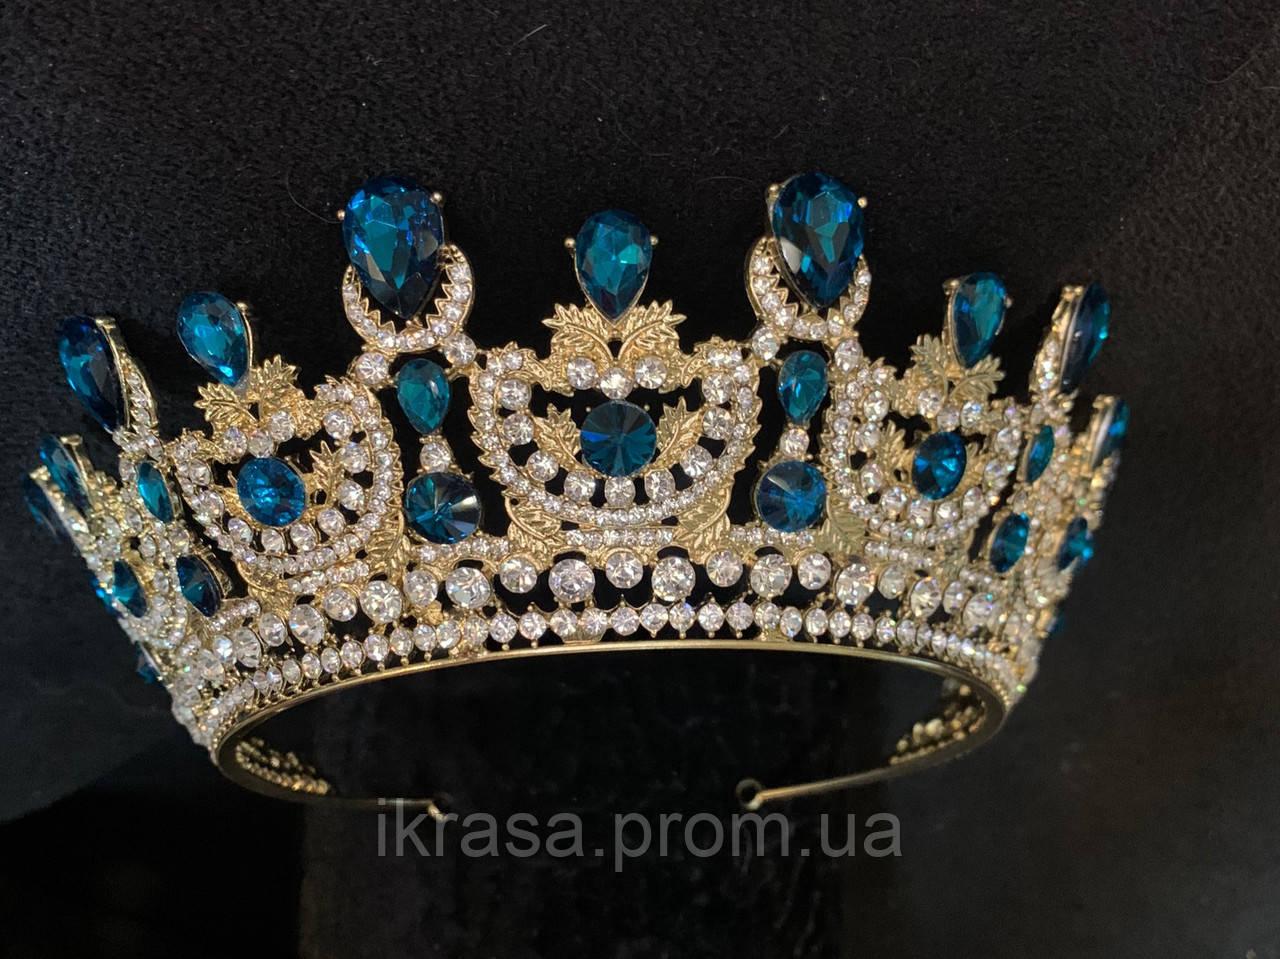 Розкішна корона півколом з блакитно-бірюзовими камінням (7,4 см)